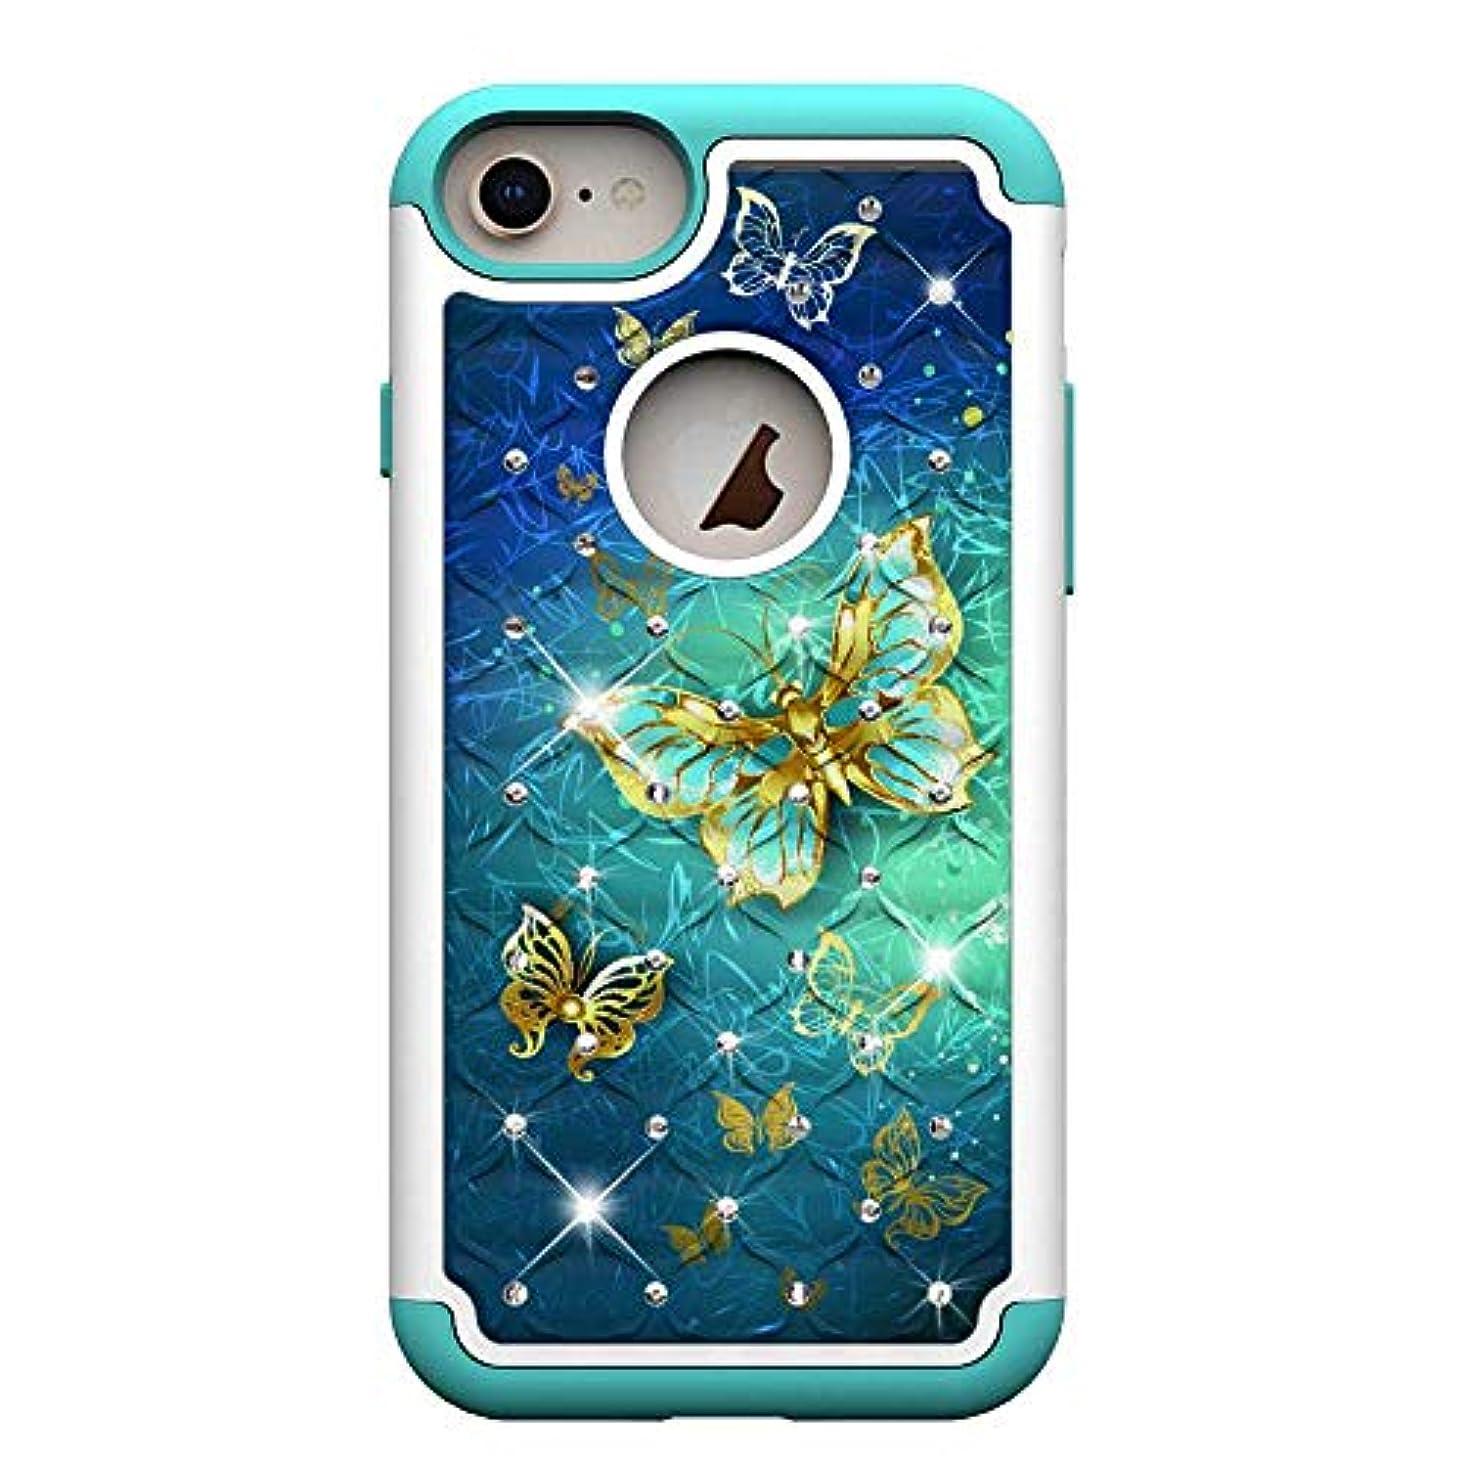 スカルク病気の方法論iPhone 6 / iPhone 6s 防塵 ケースカバー, Zeebox 保護 ハードシェル バックケース, 人気の ダイヤモンドの輝 柄 ケース 背面カバー cover 滑り防止 衝撃吸収 防指紋 保護カバー, 対応 Apple iPhone 6 / iPhone 6sのみ, ゴールドバタフライ